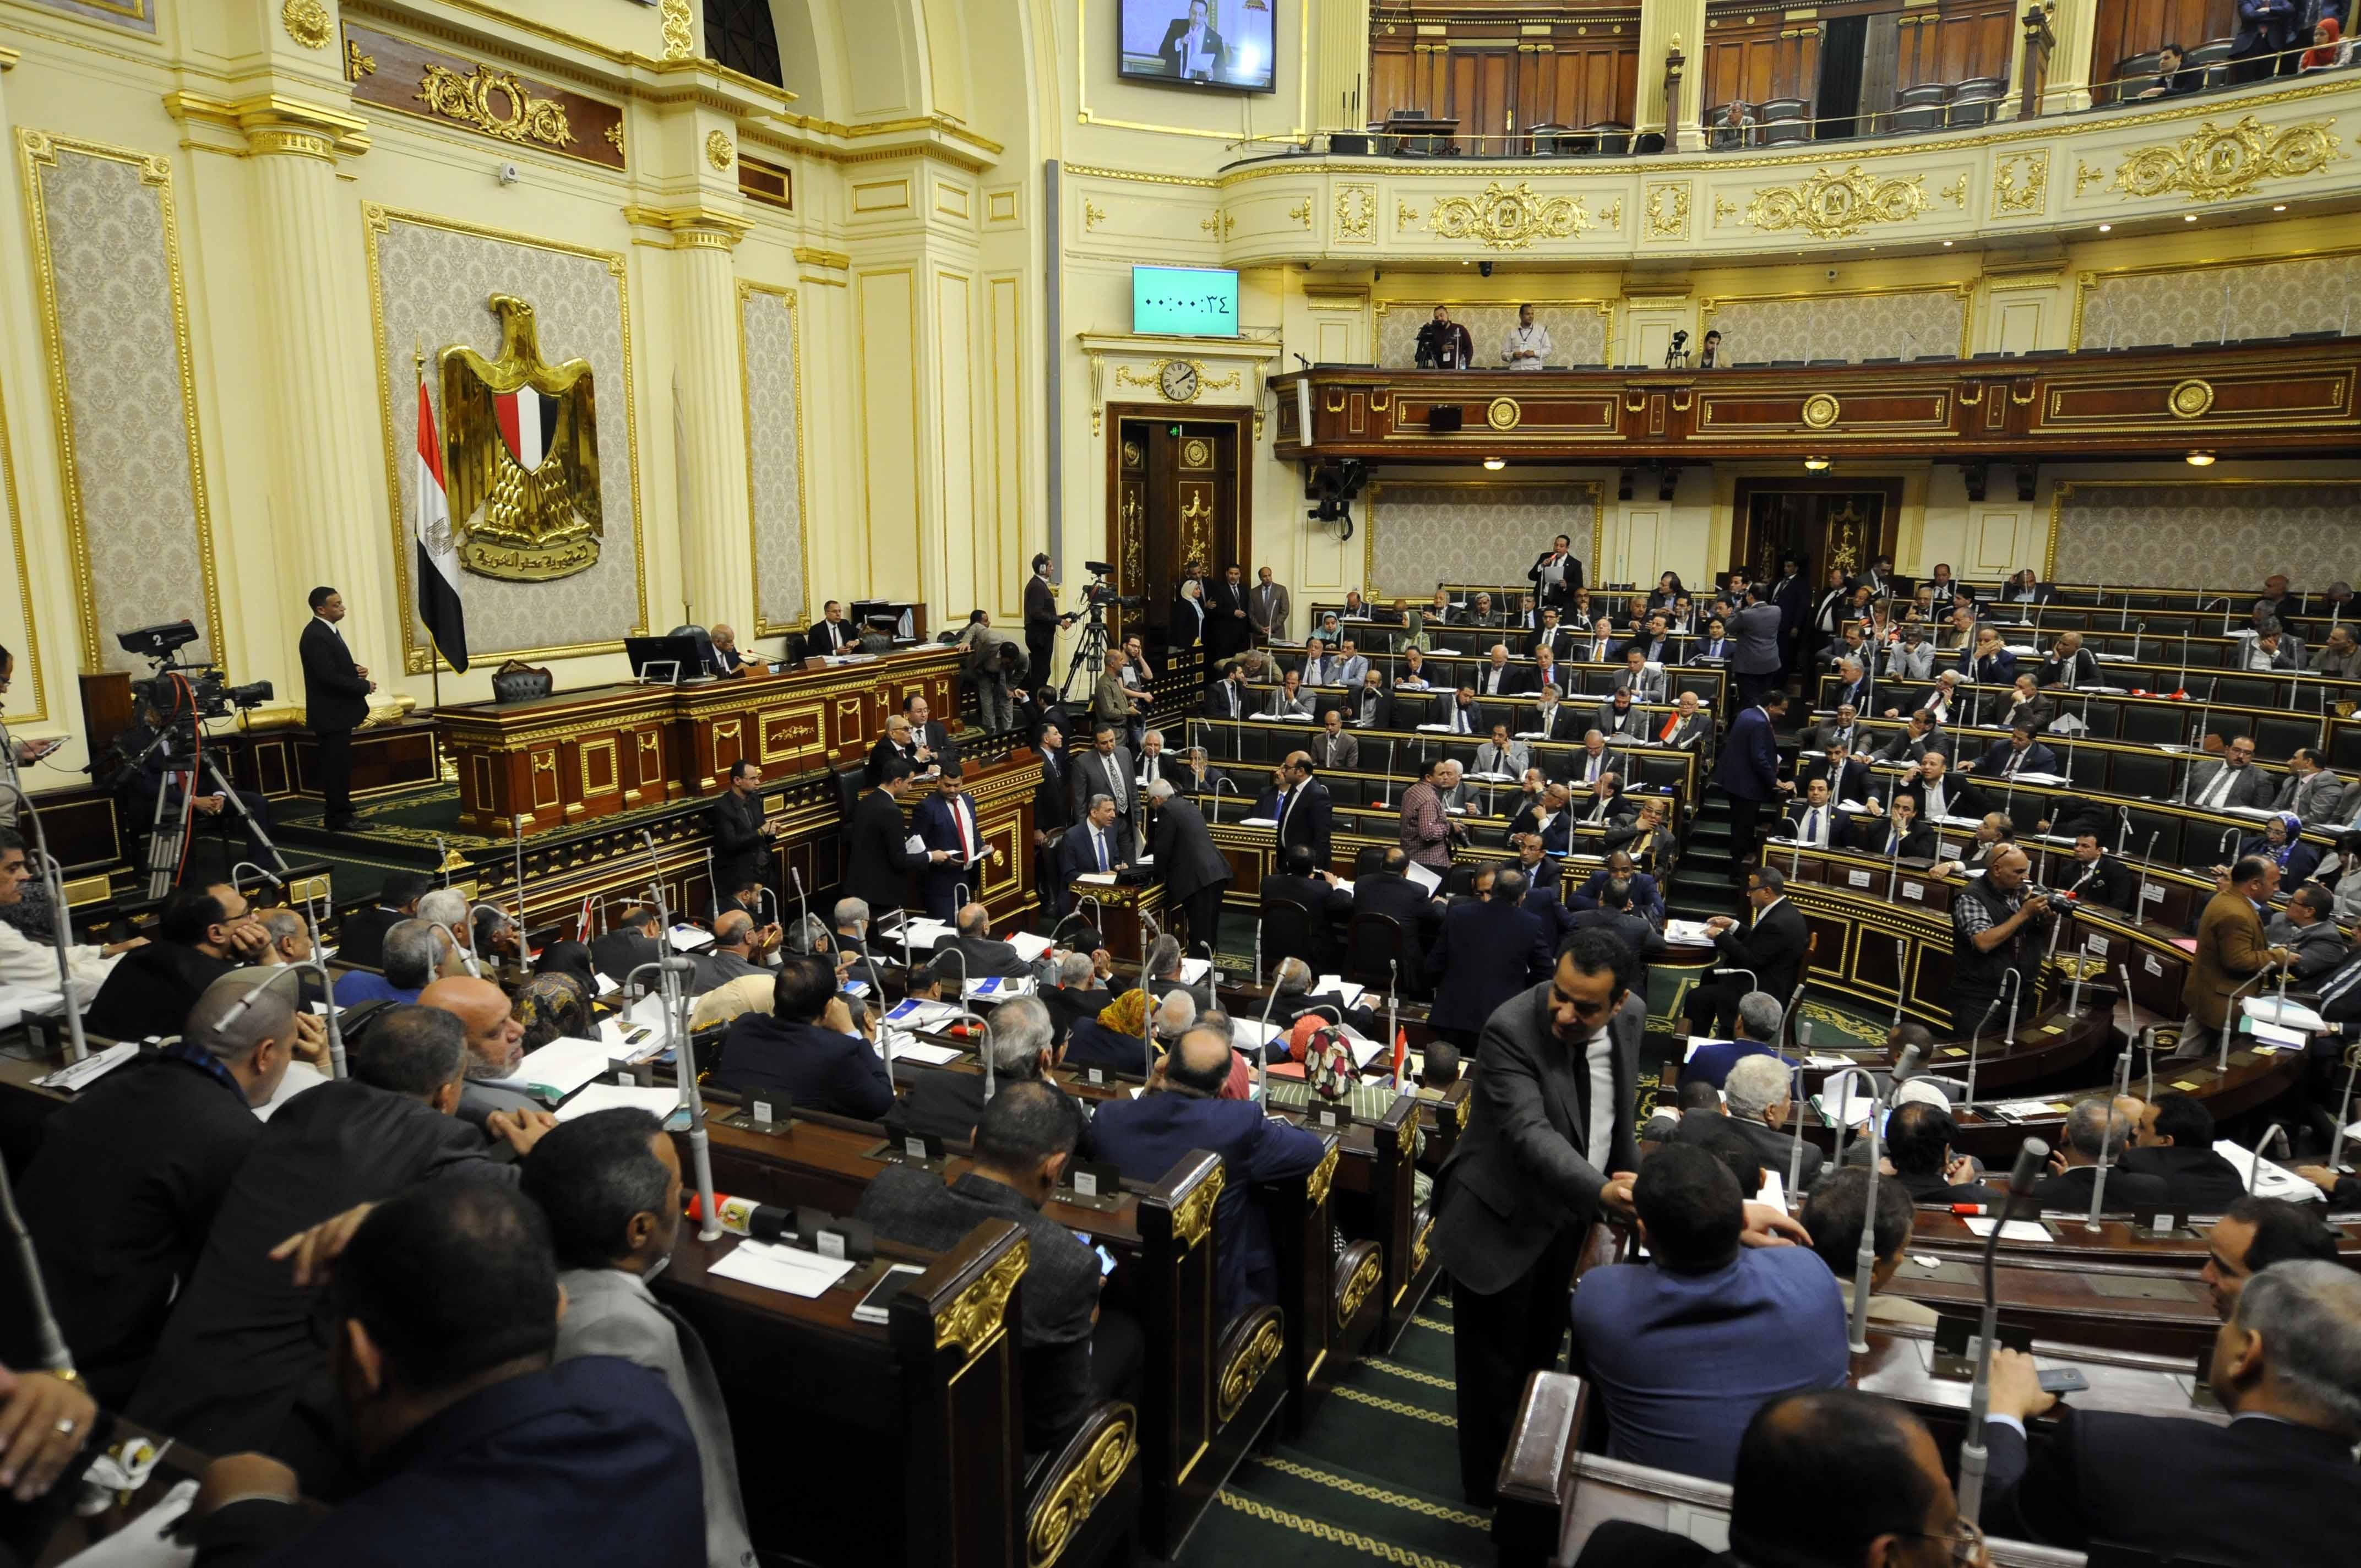 نواب البرلمان المصري أثناء جلسة التصويت على التعديلات الدستورية (خاص إندبندنت عربية)